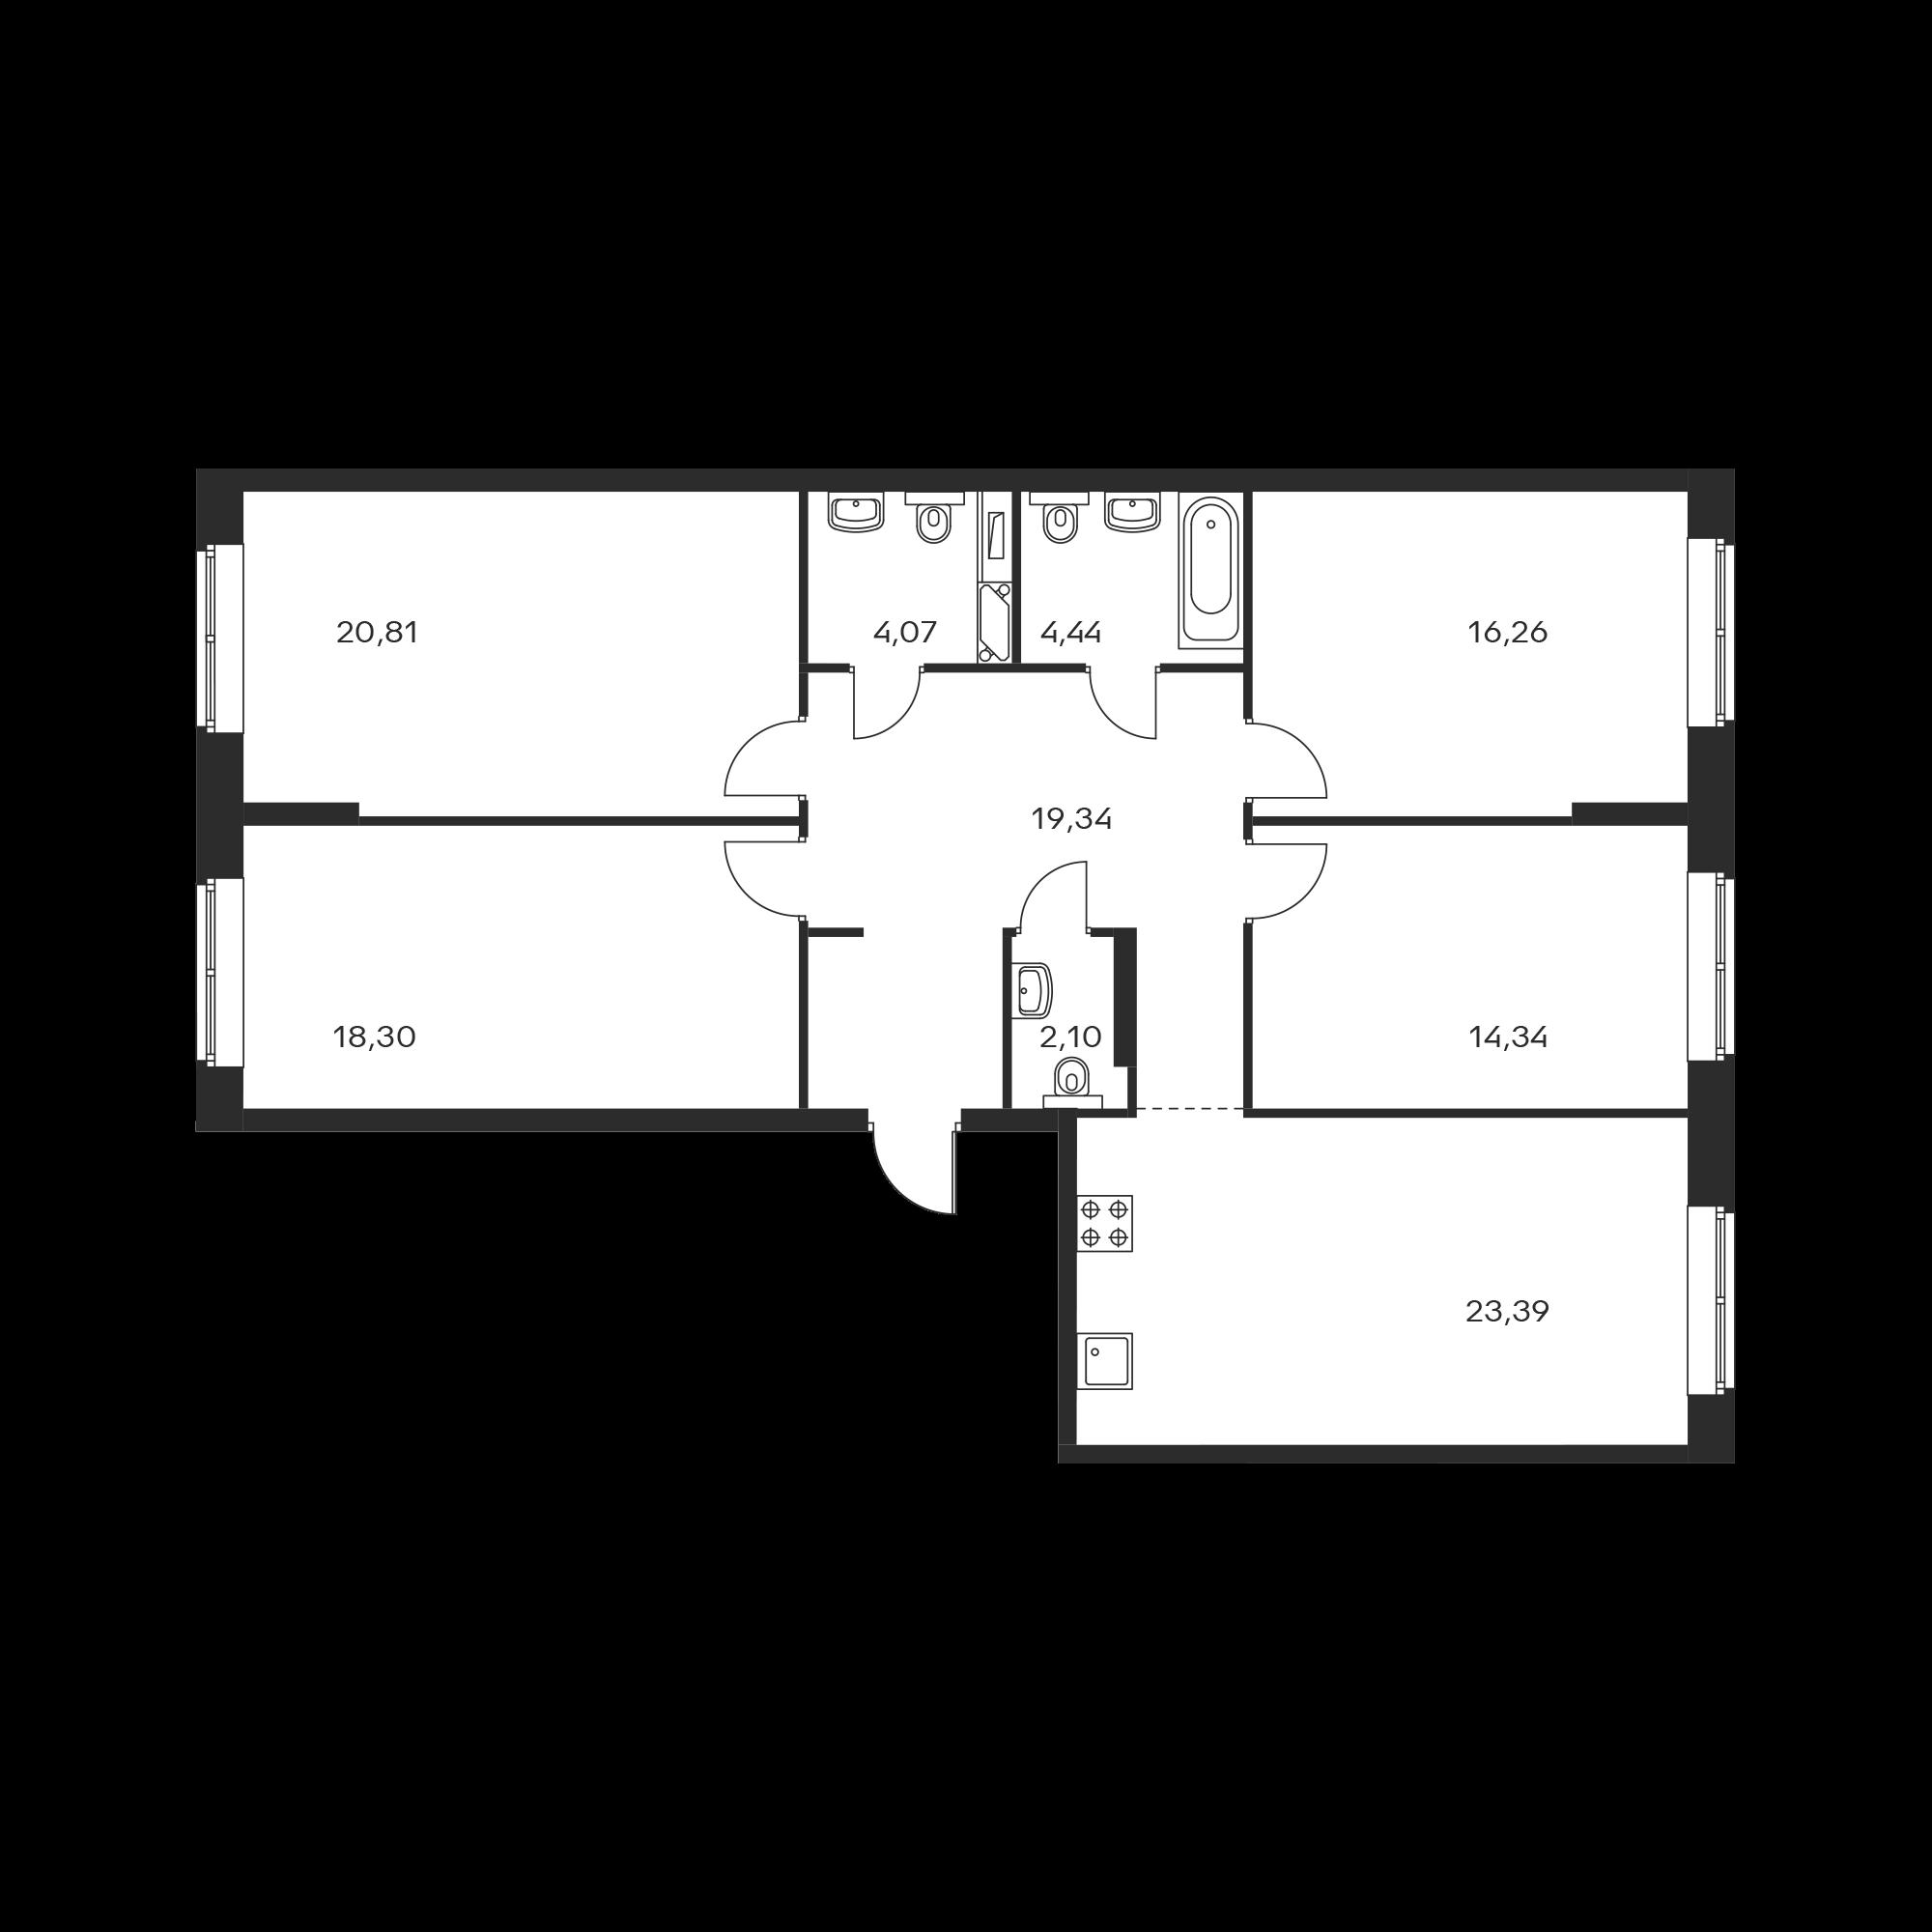 4-комнатная 123.05 м²